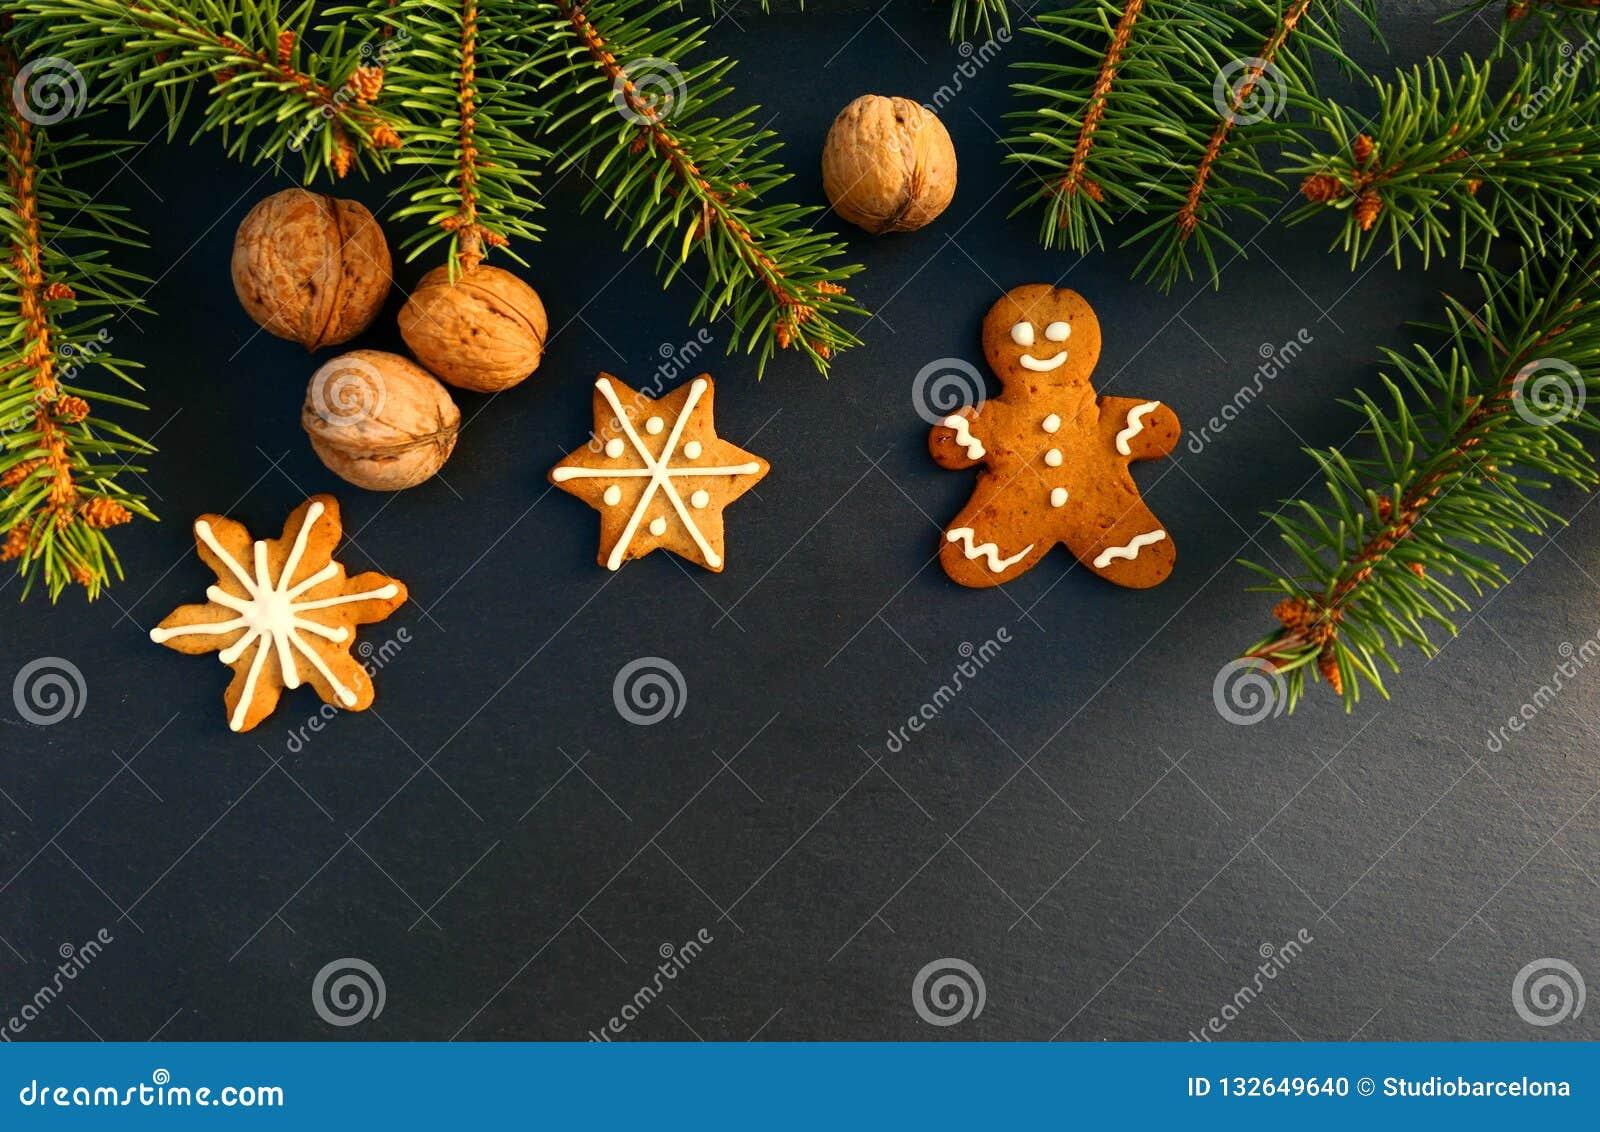 Frontera de la Navidad hecha de rama de la picea, de wallnuts y de la galleta del hombre de pan de jengibre